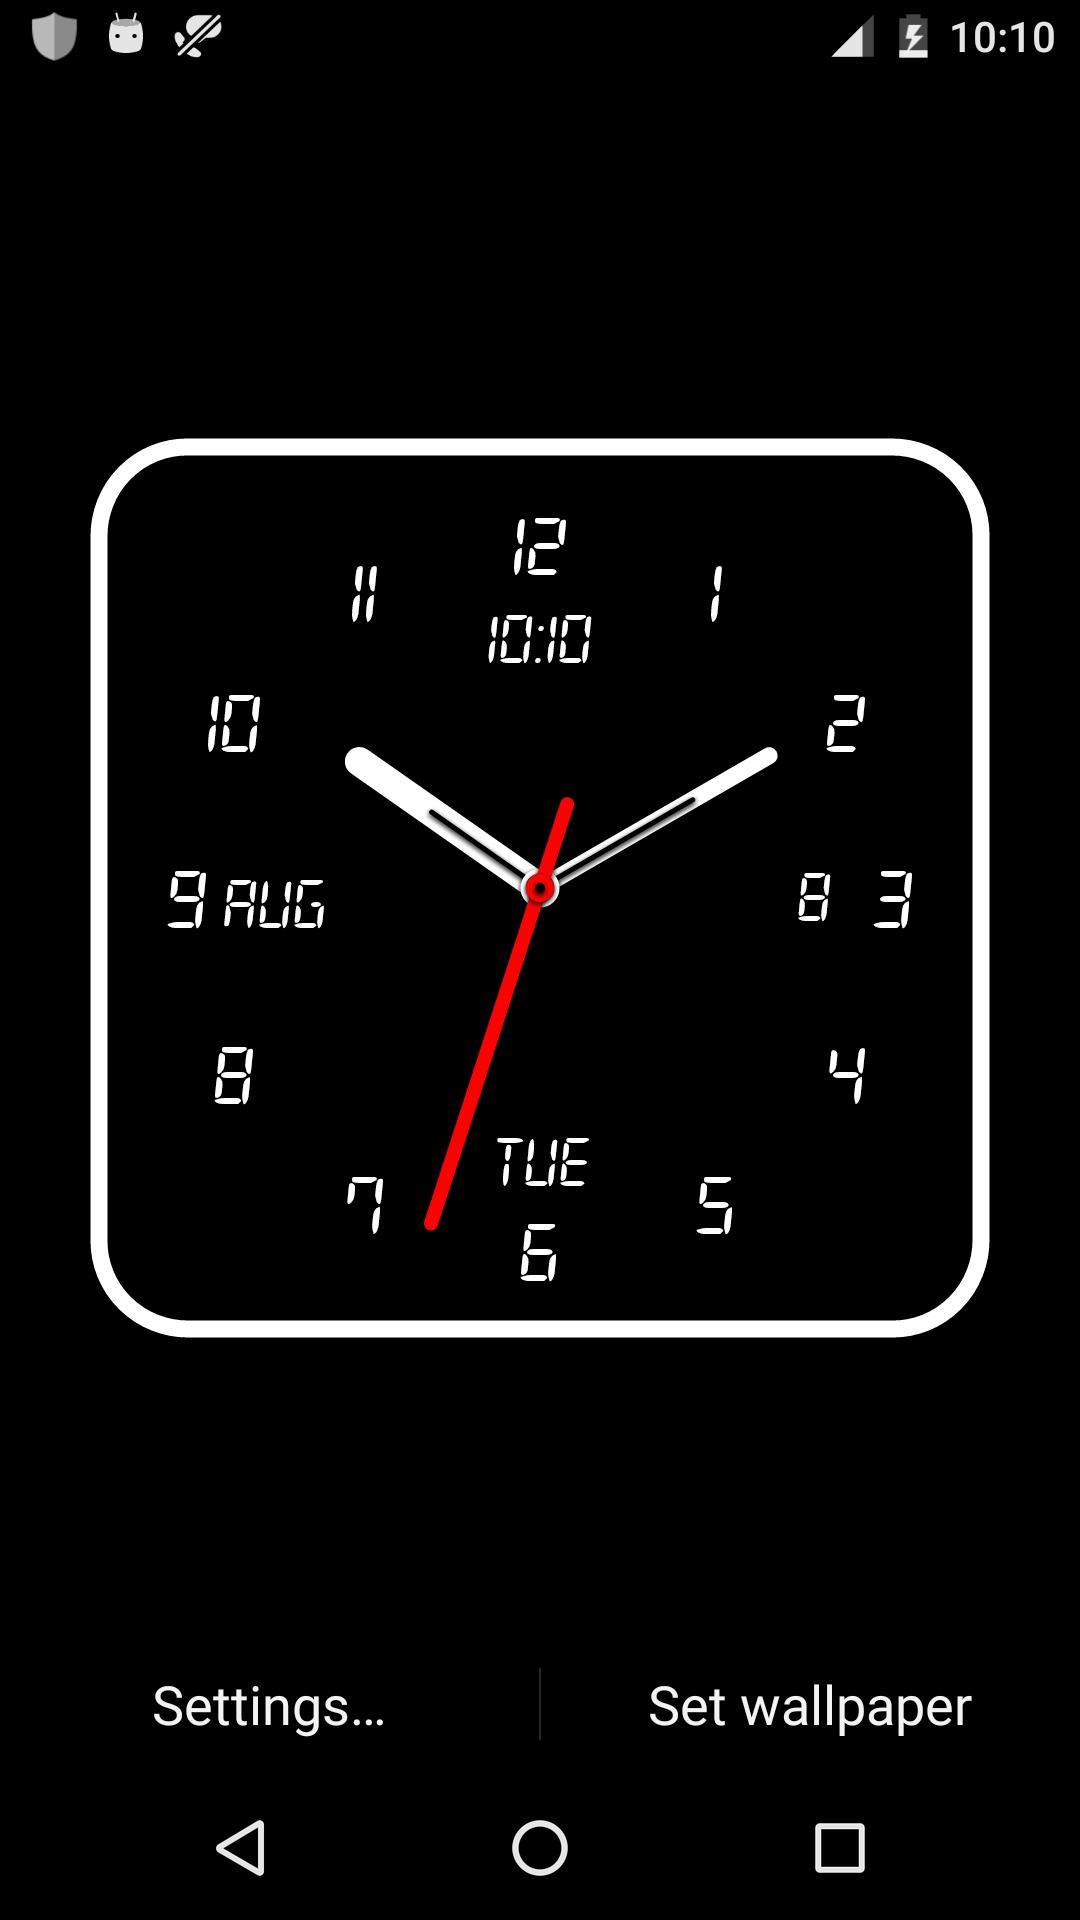 Android 用の 時計ライブ壁紙 Apk をダウンロード